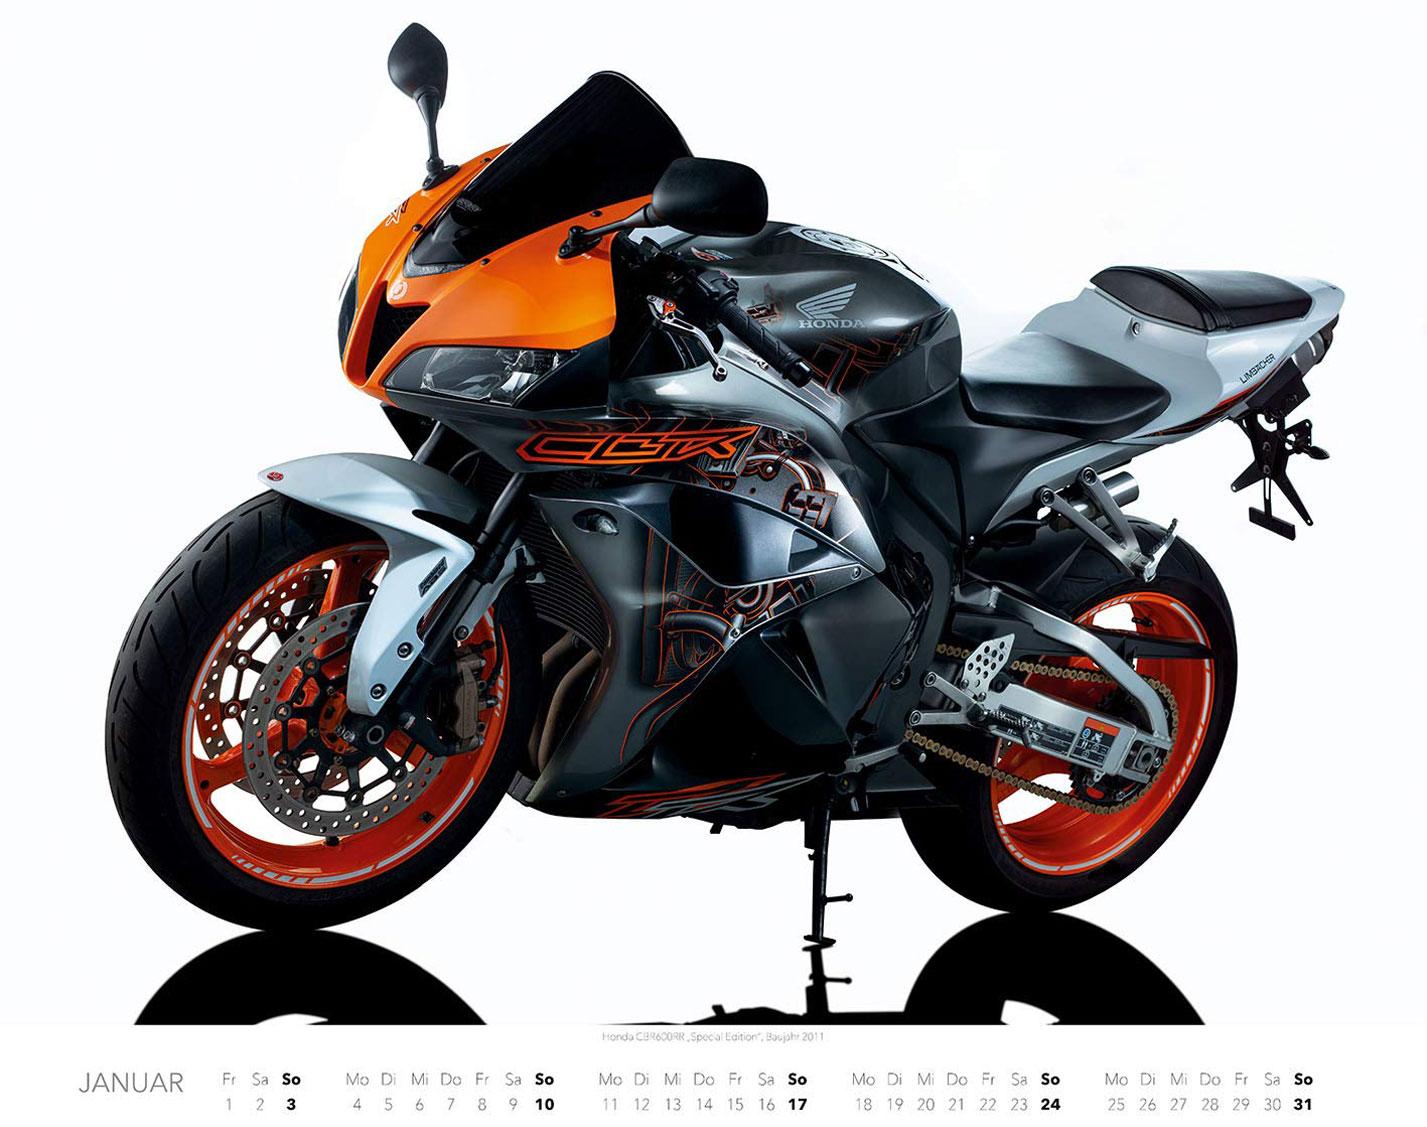 Календарь с крутыми мотоциклами на 2021 год / январь